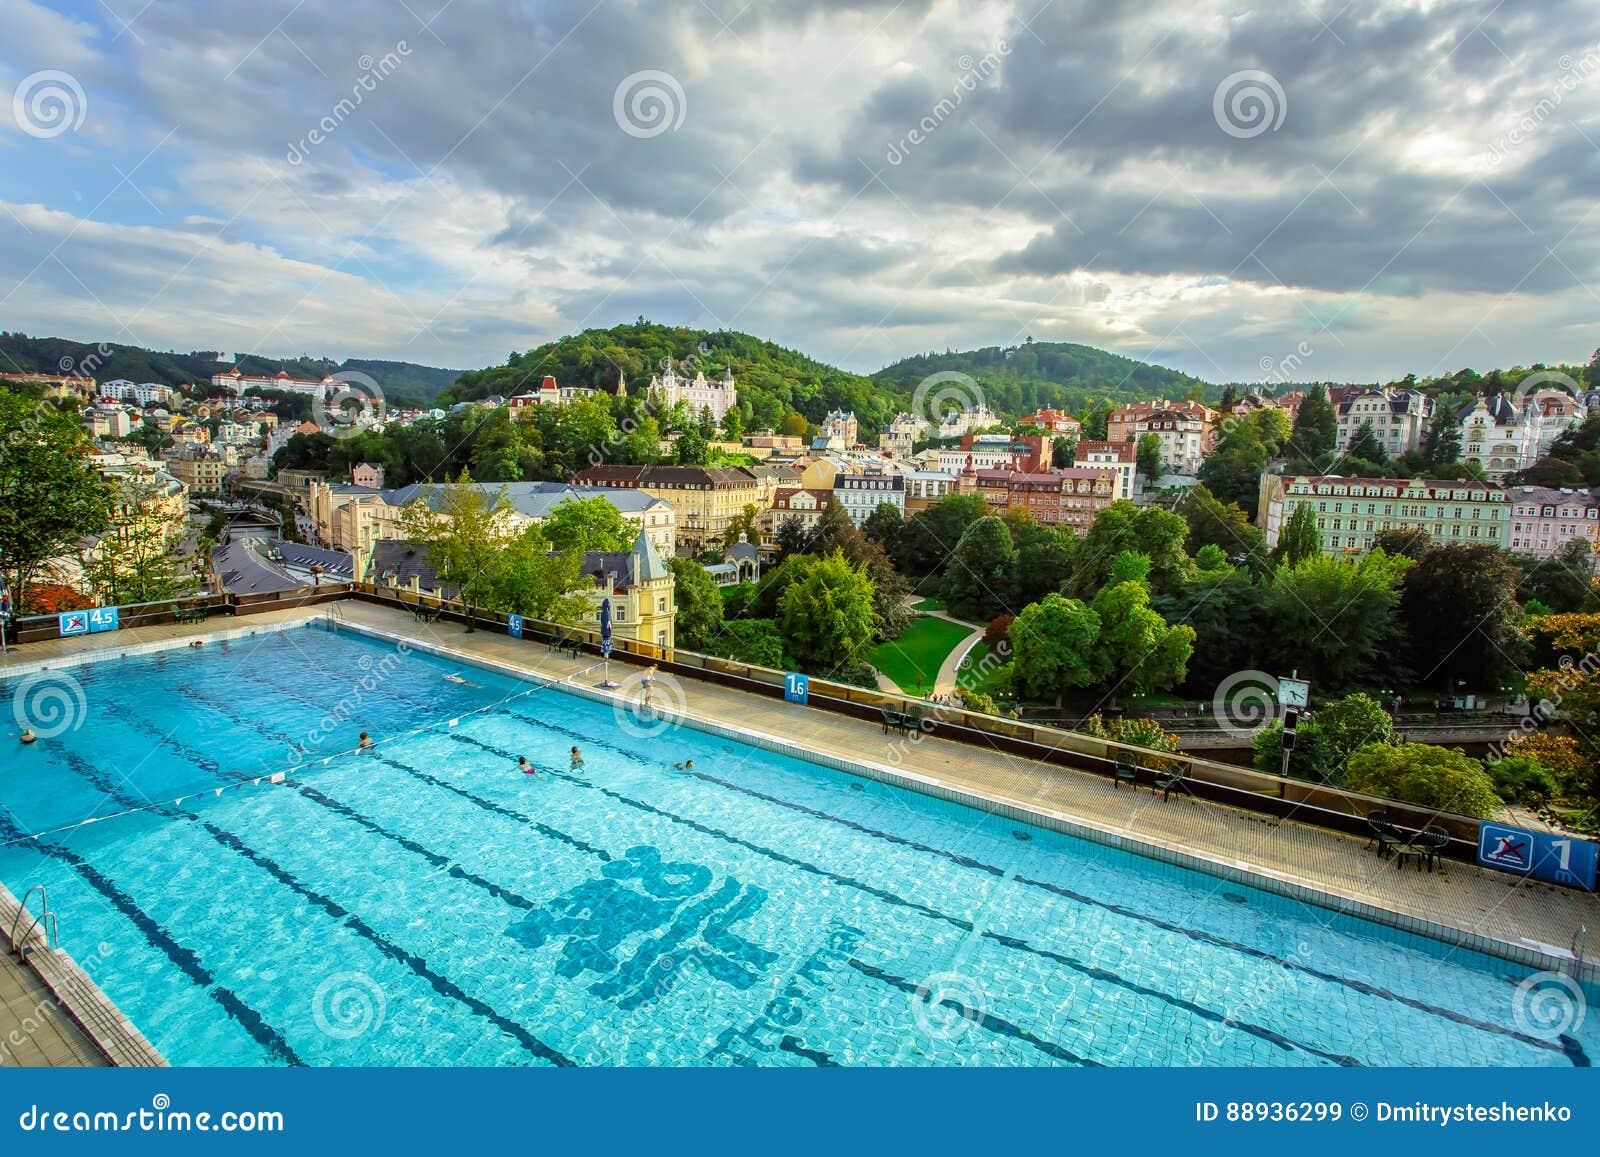 Karlovy Vary, Tschechische Republik - 13. September 2013: Schwimmenabstimmung im Freien im thermischen Hotel